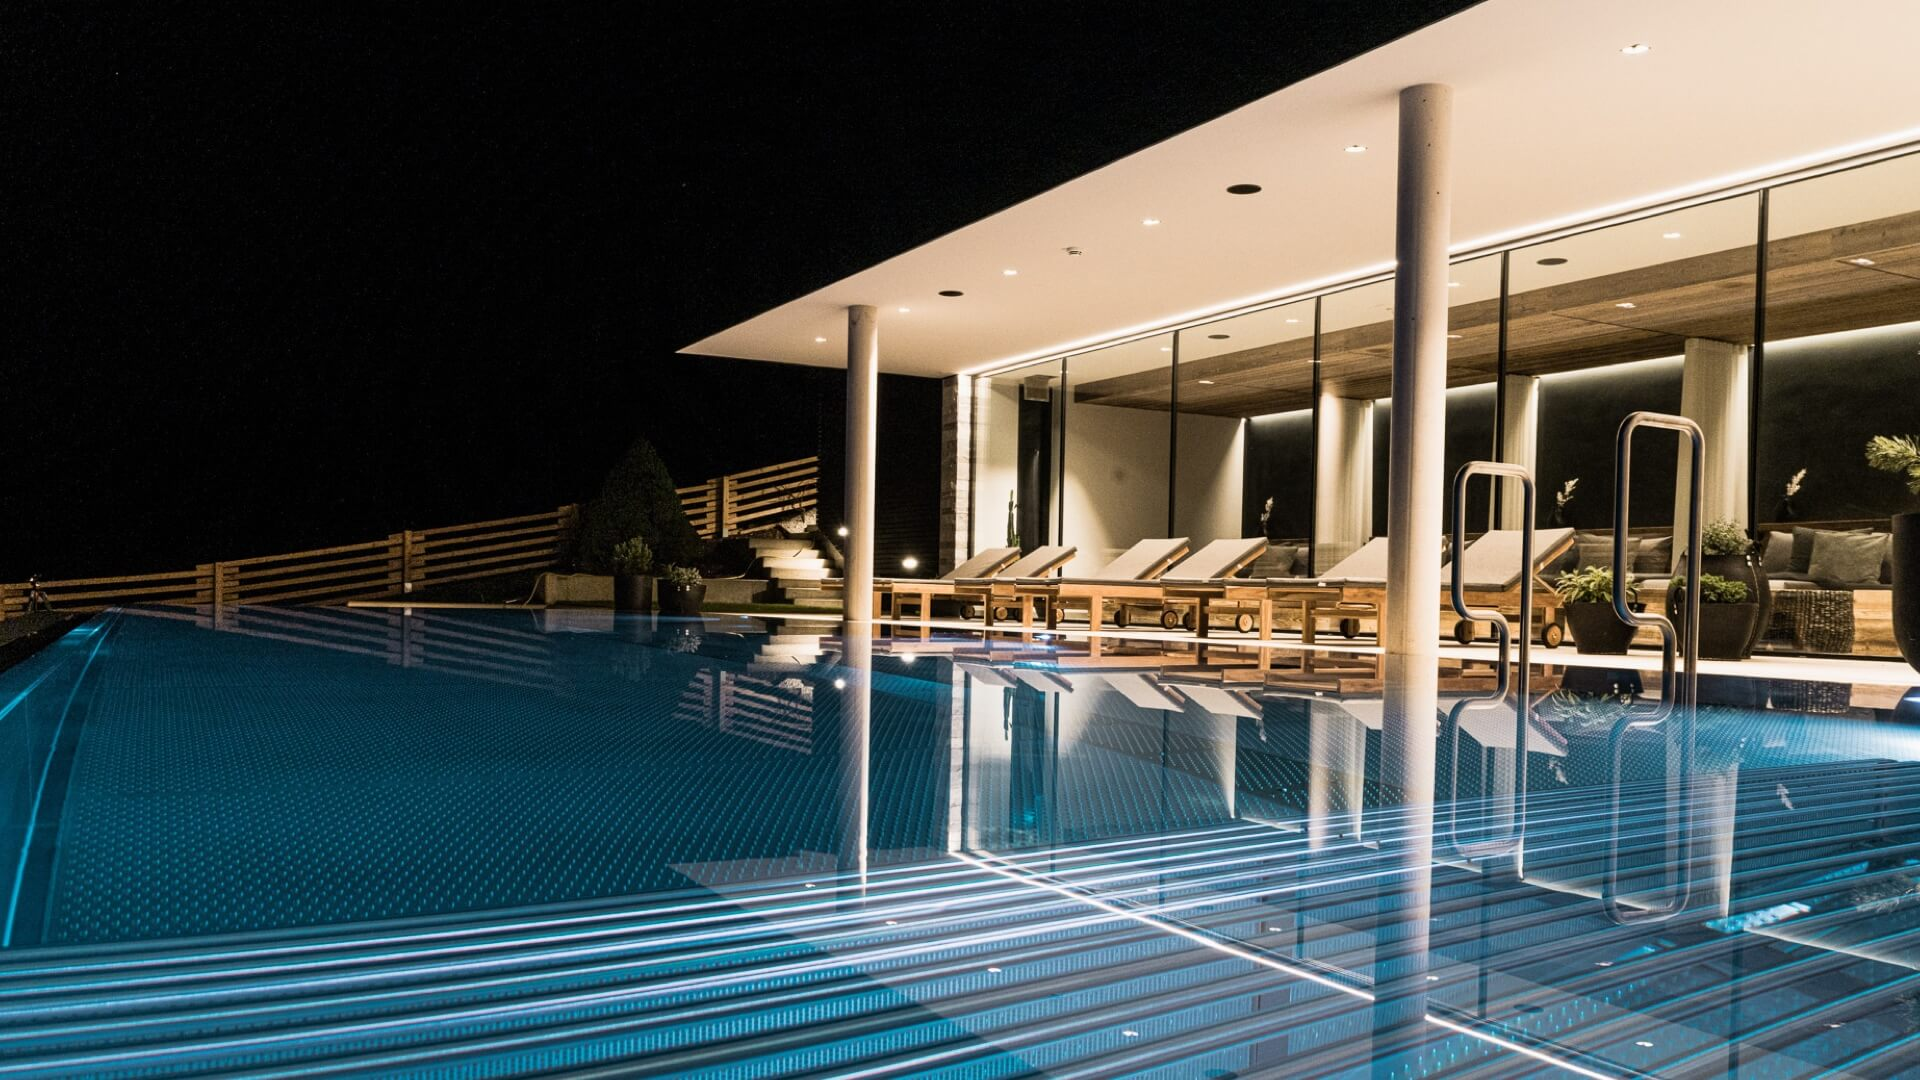 Chytrý hotel Sonnhof - venkovní bazén